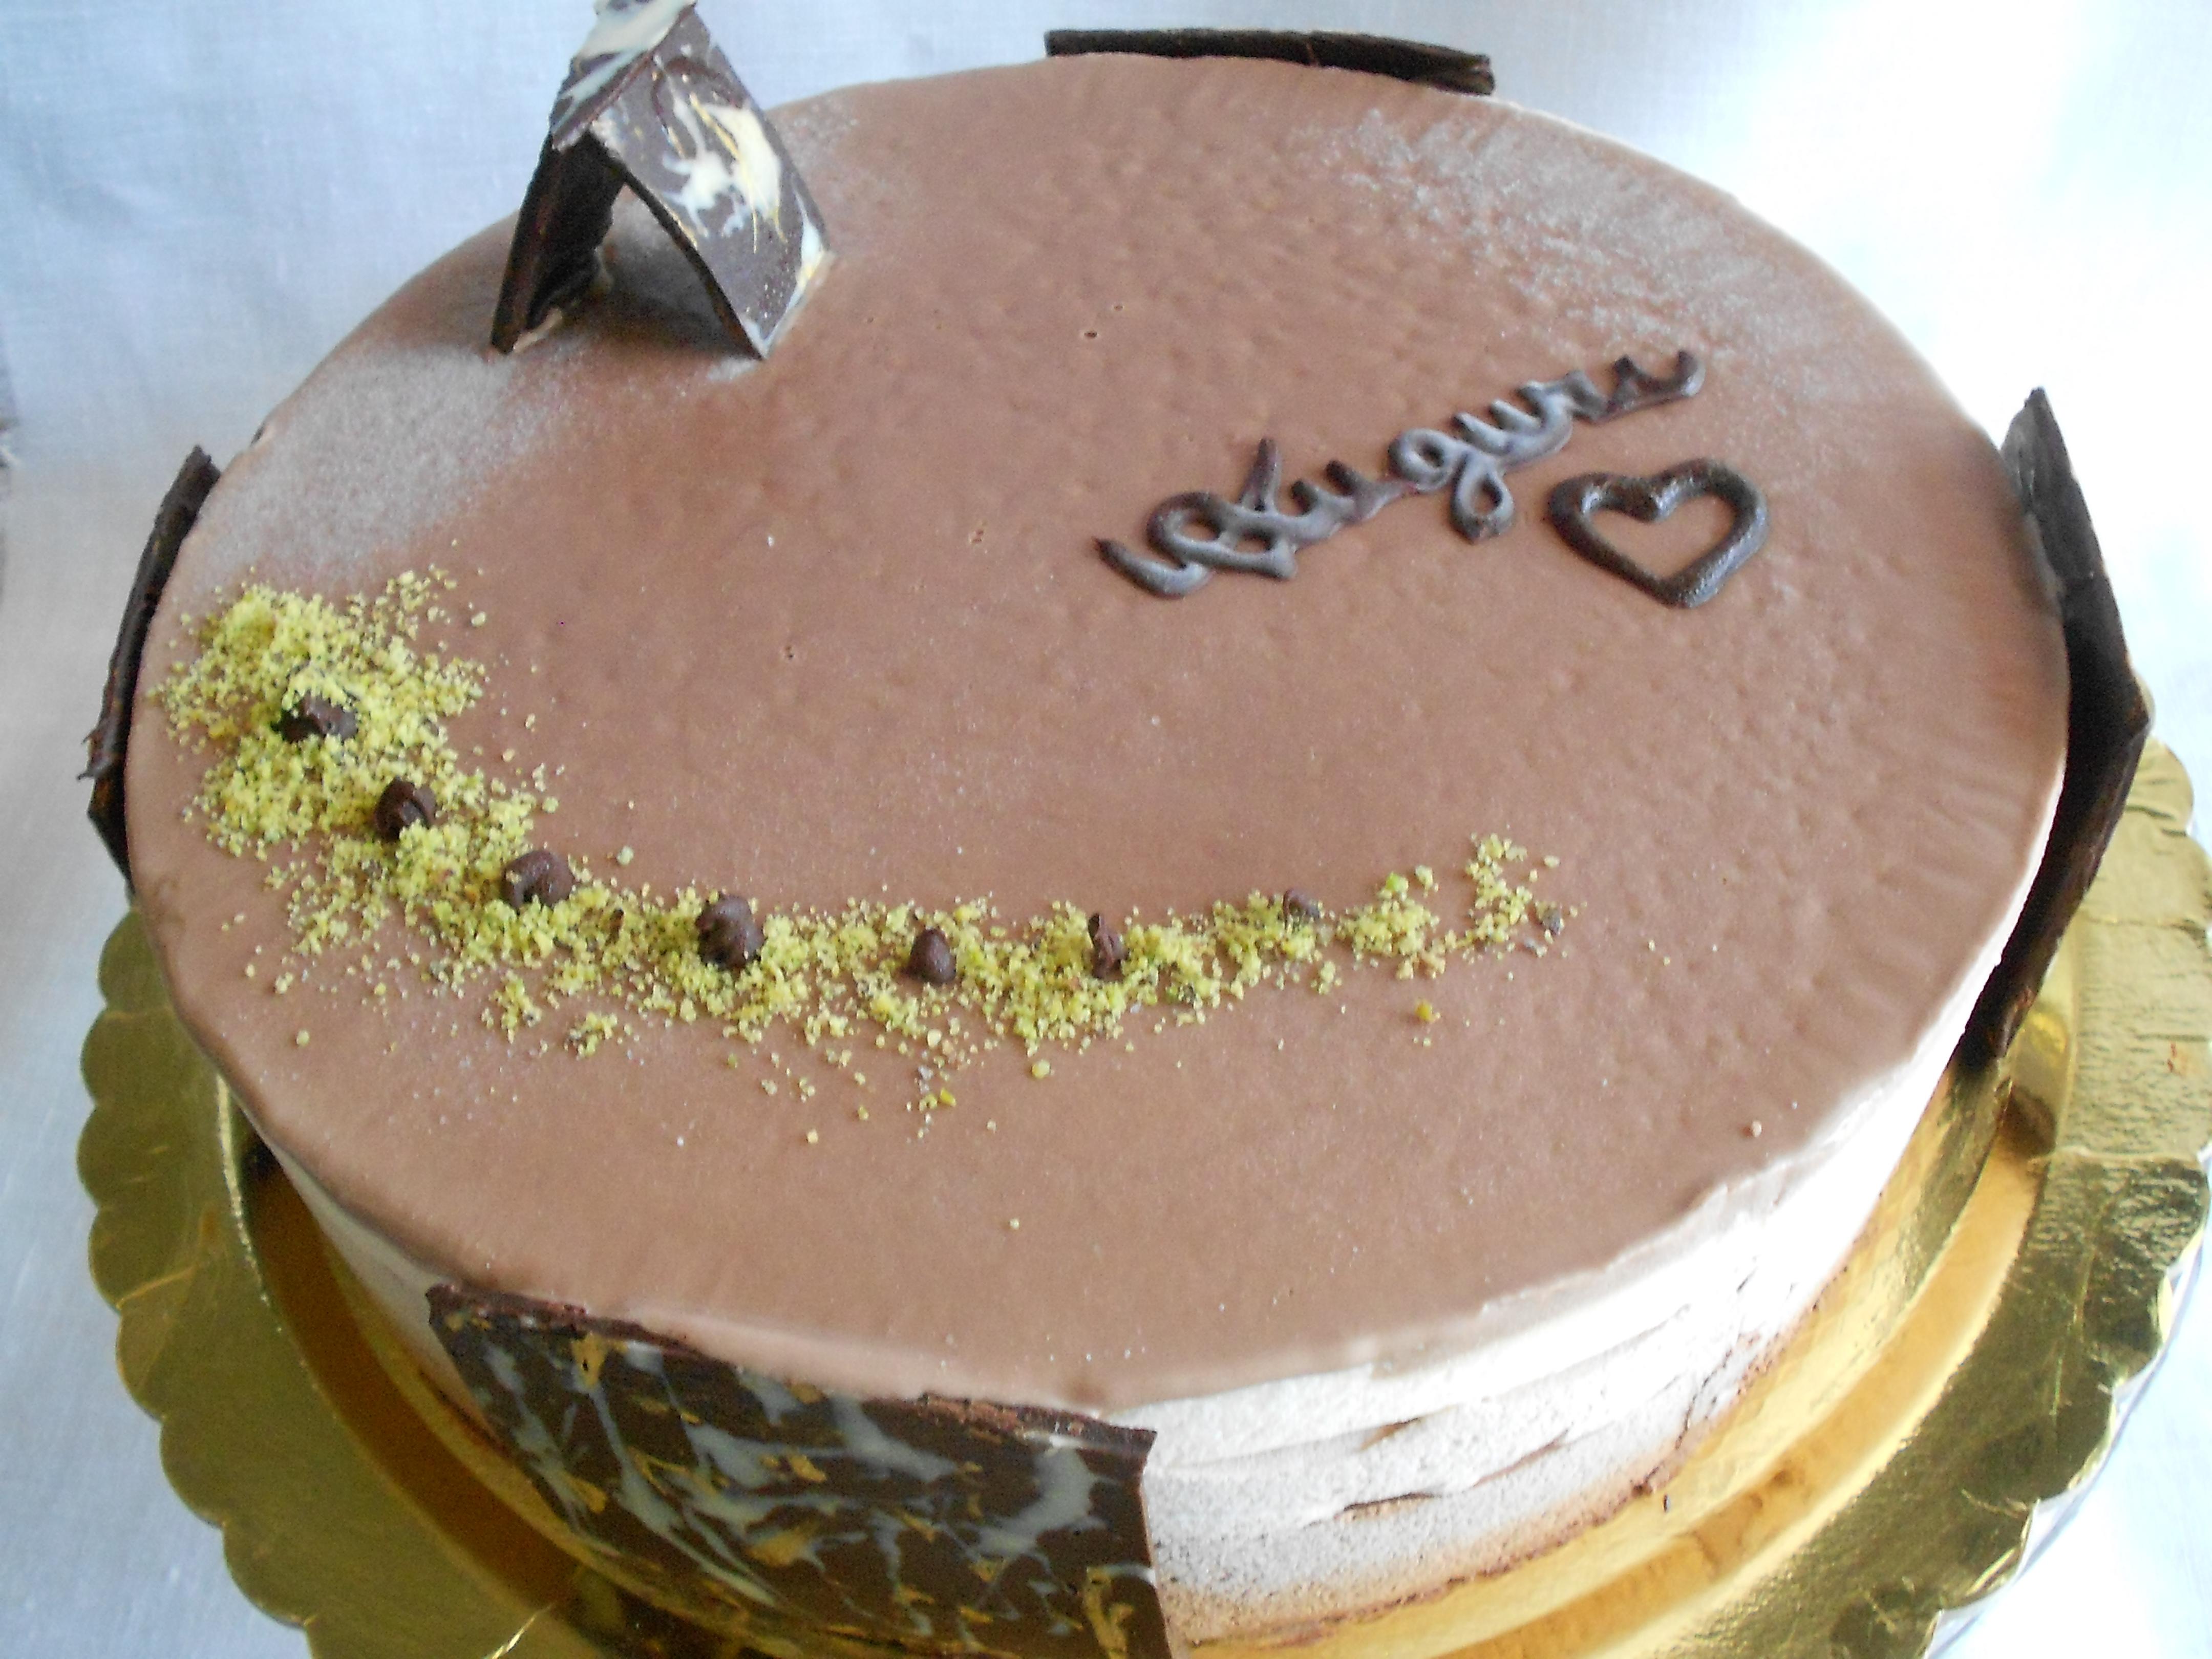 Torte Da Credenza Montersino : Torta bavarese ai tre cioccolati di luca montersino dal dolce al